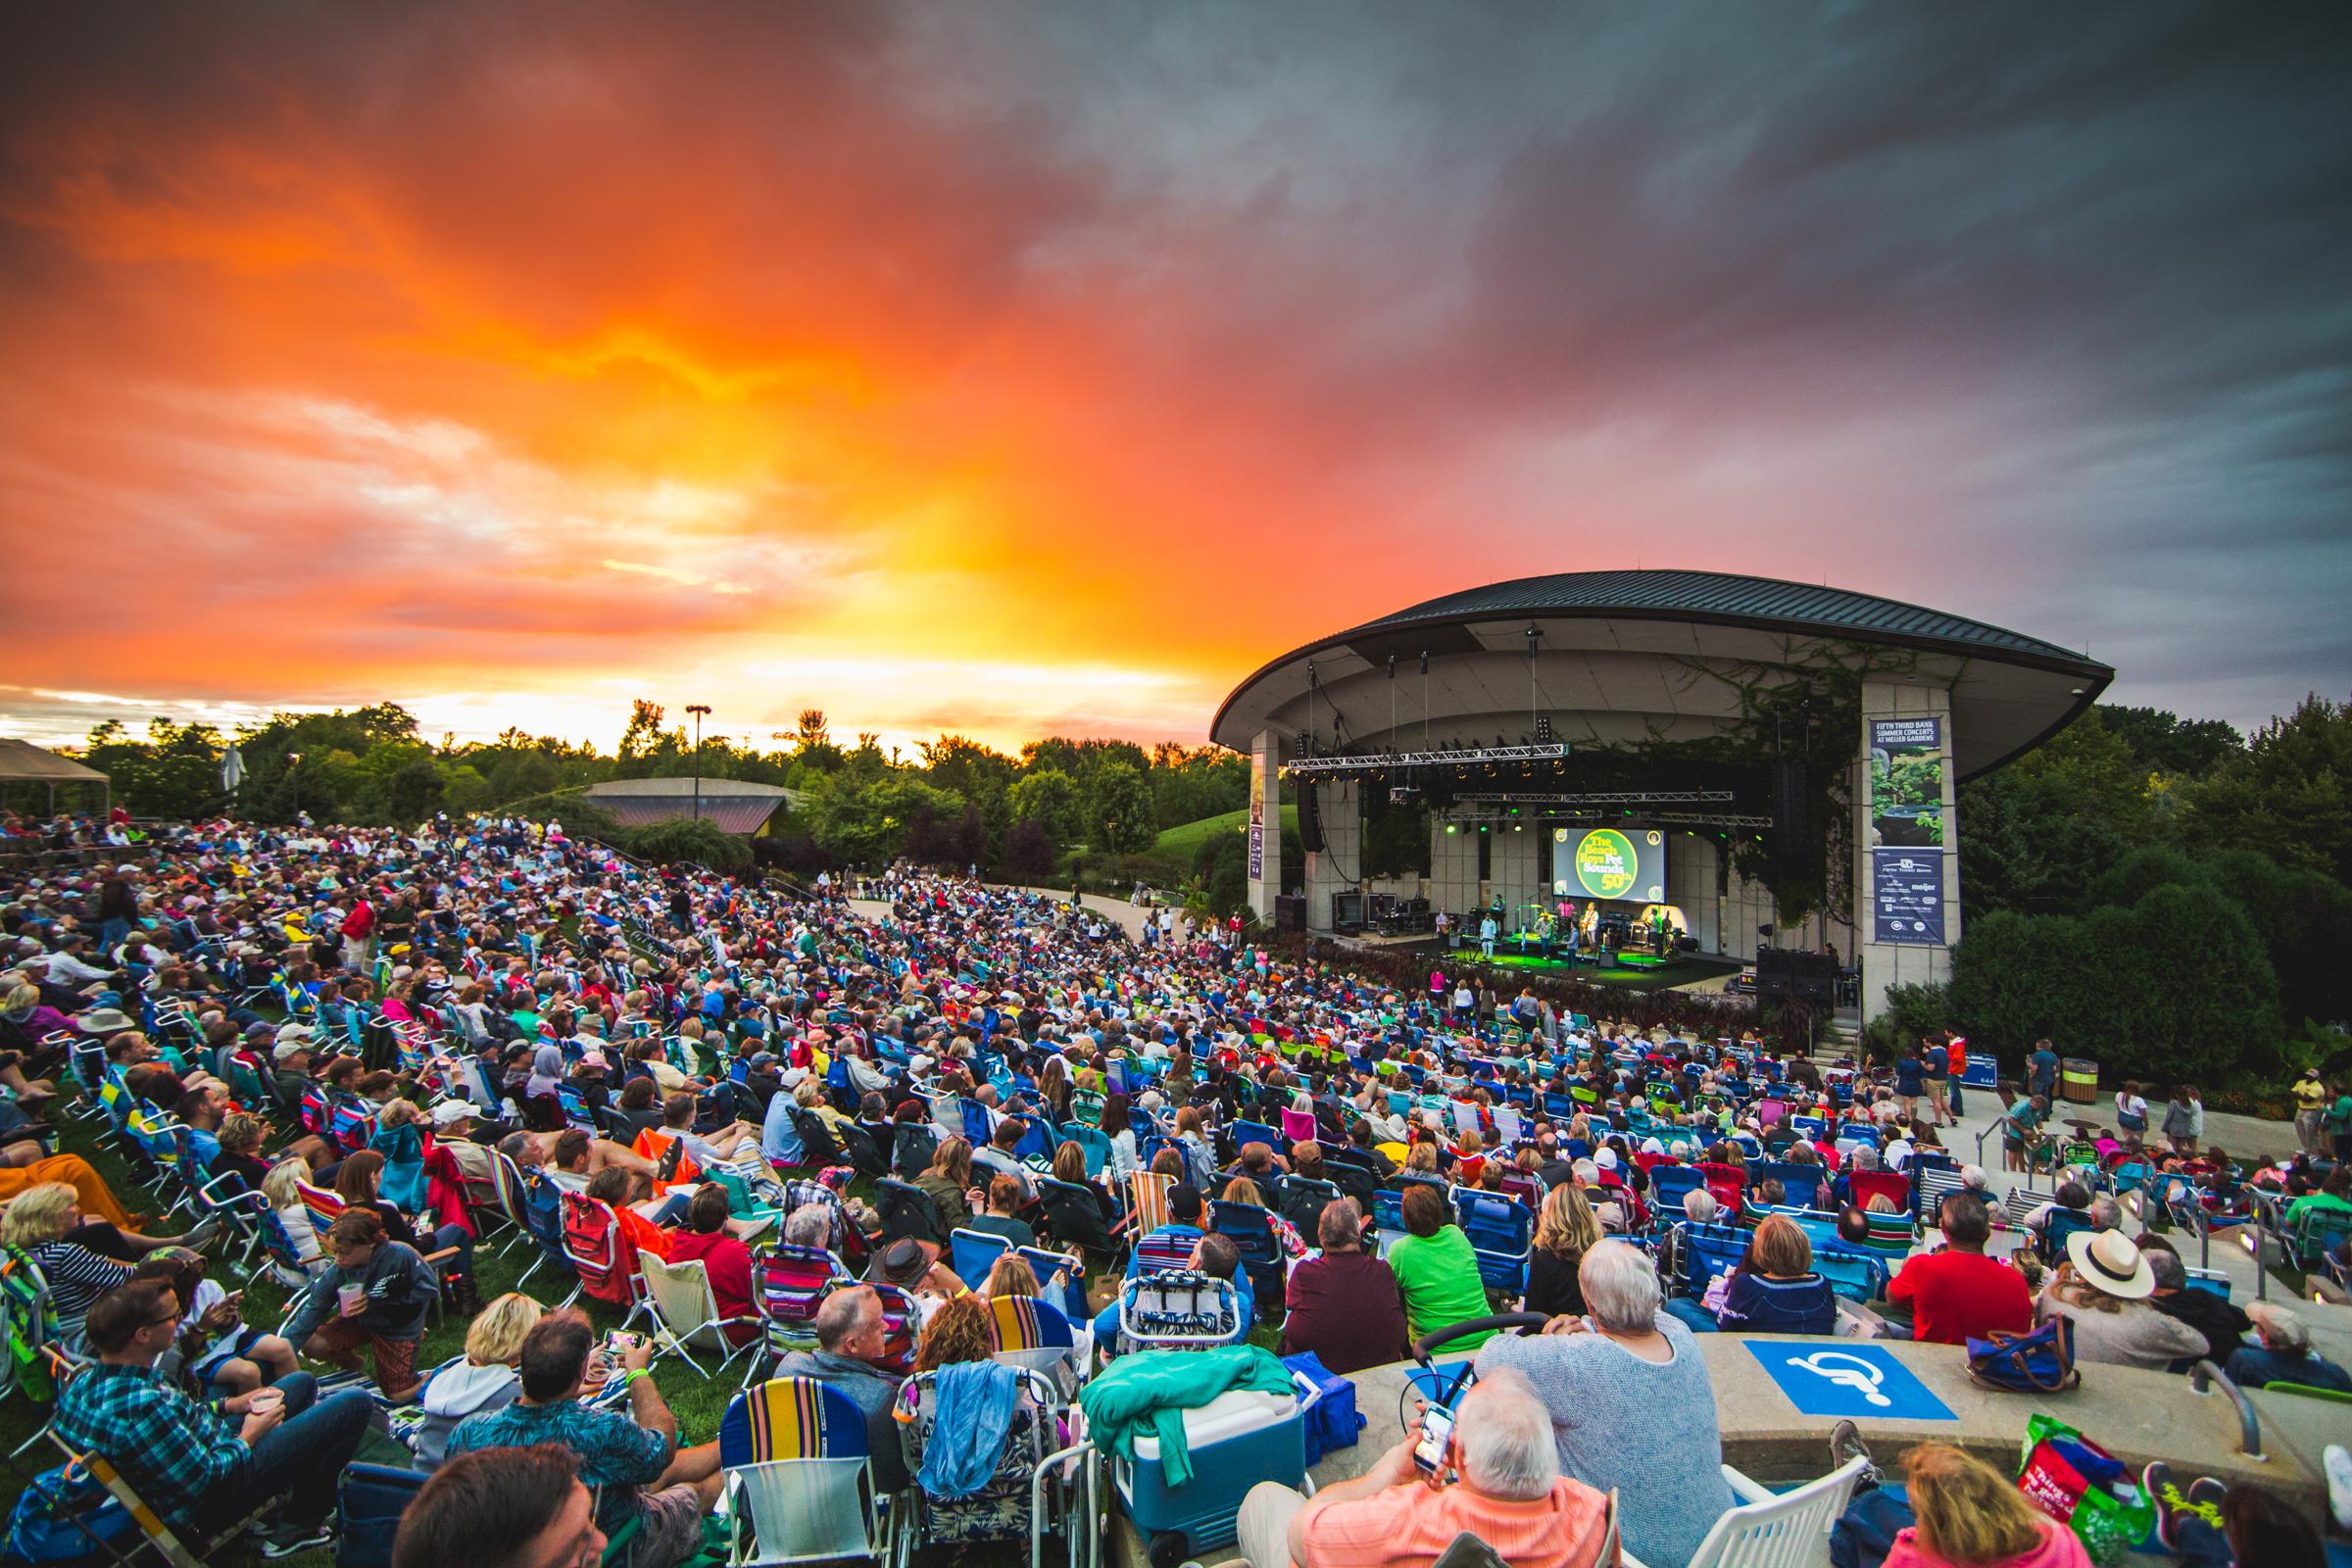 Meijer Gardens outdoor concert series. Photo by Tony Norkus